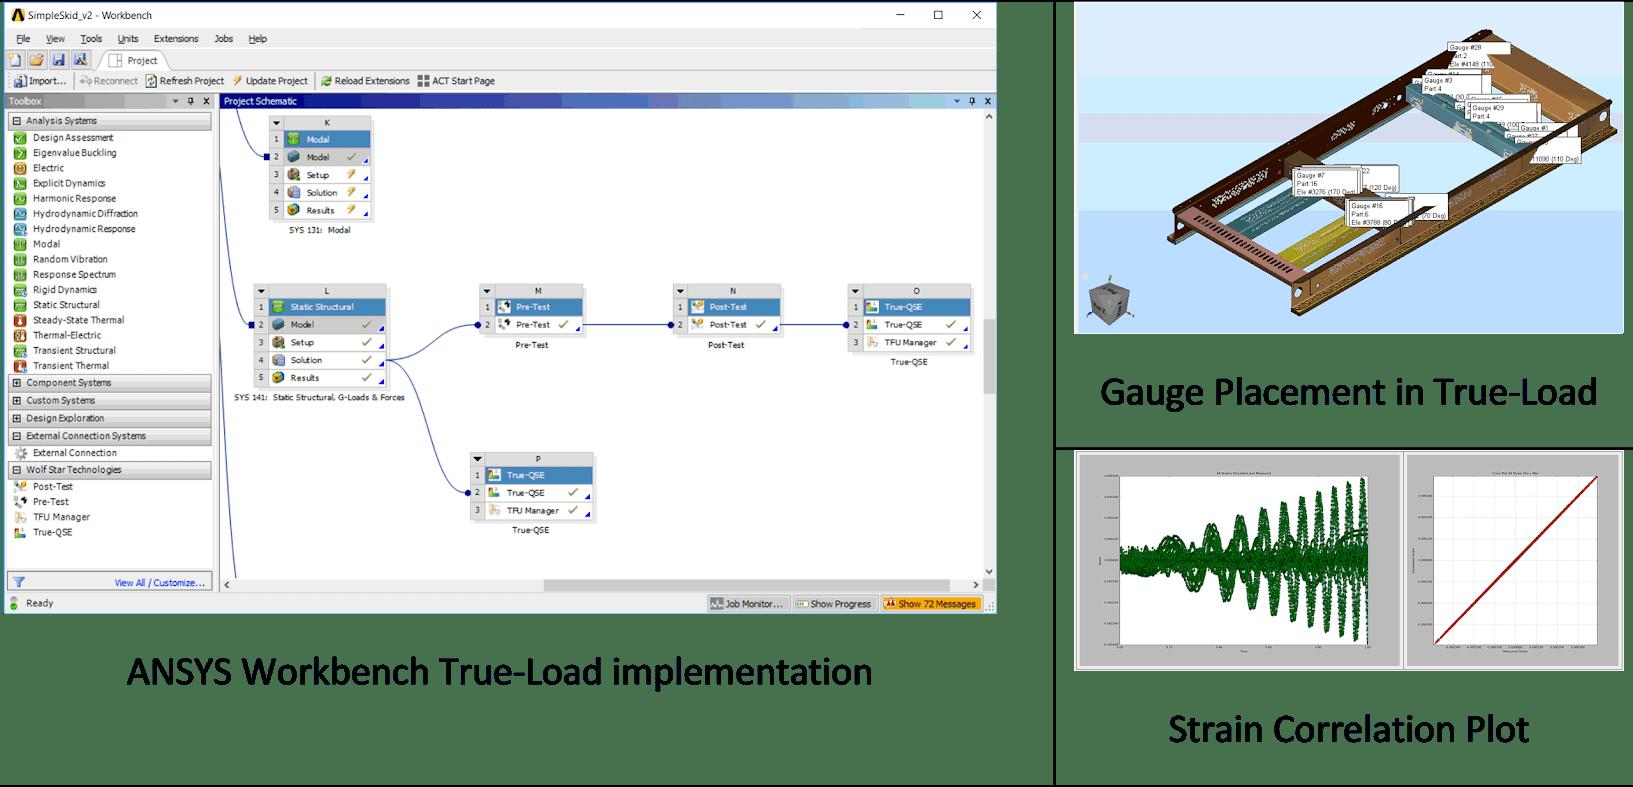 Представленные на иллюстрациях примеры отражают возможности программного обеспечения True-Load, но не касаются вопросов интеграции True-Load в среде ANSYS Workbench